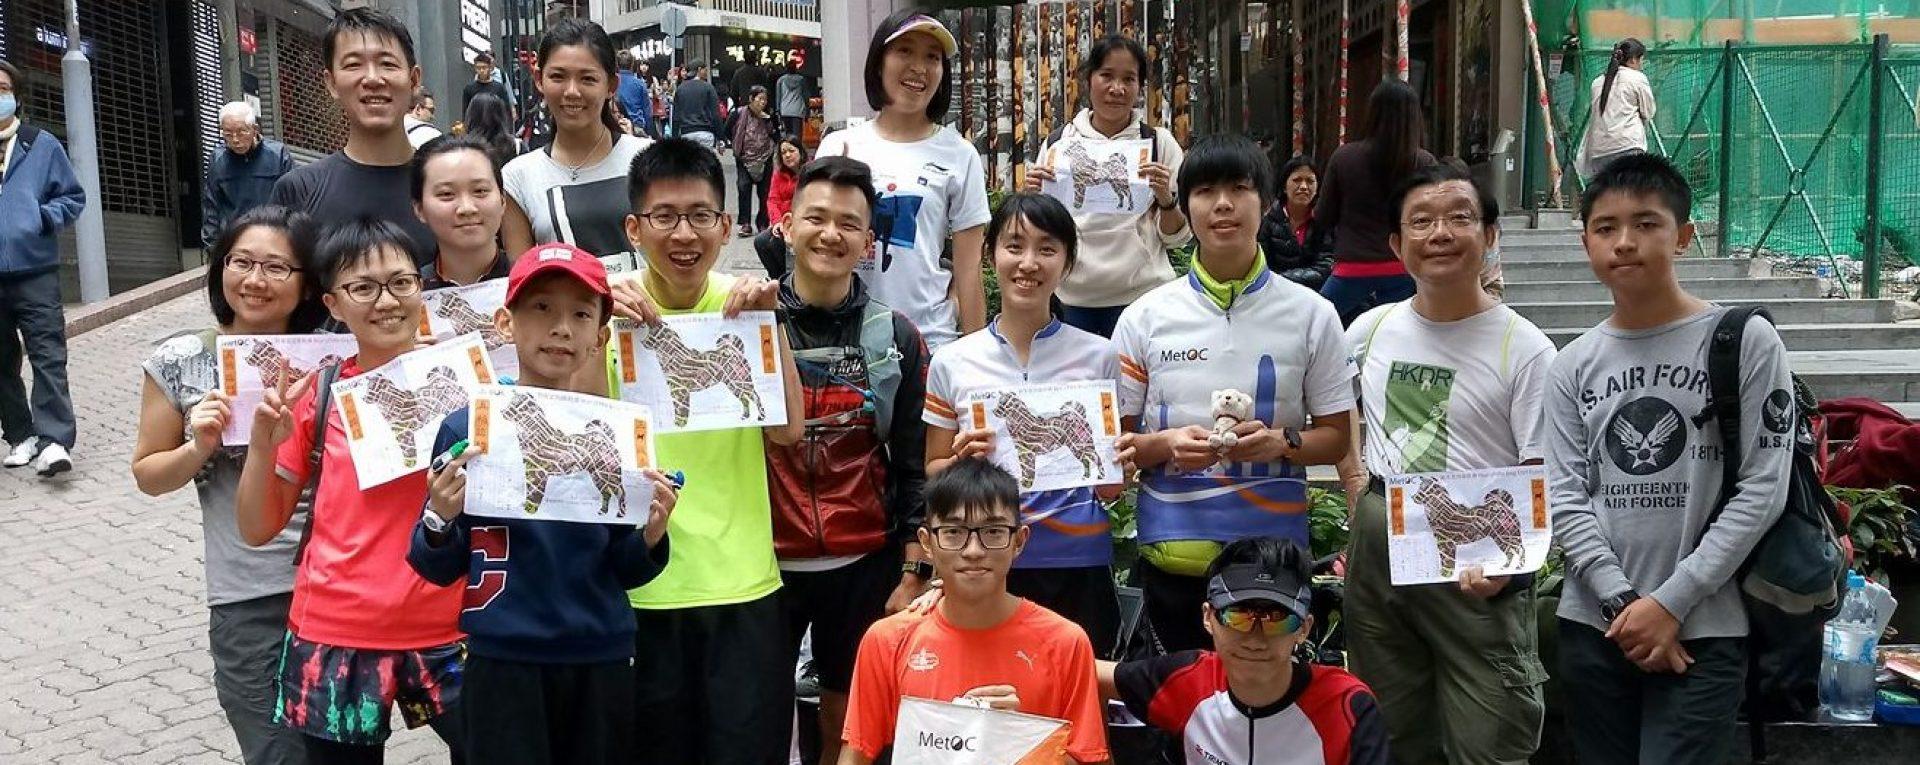 MetOC 都會定向會   香港定向比賽 Orienteering in Hong Kong